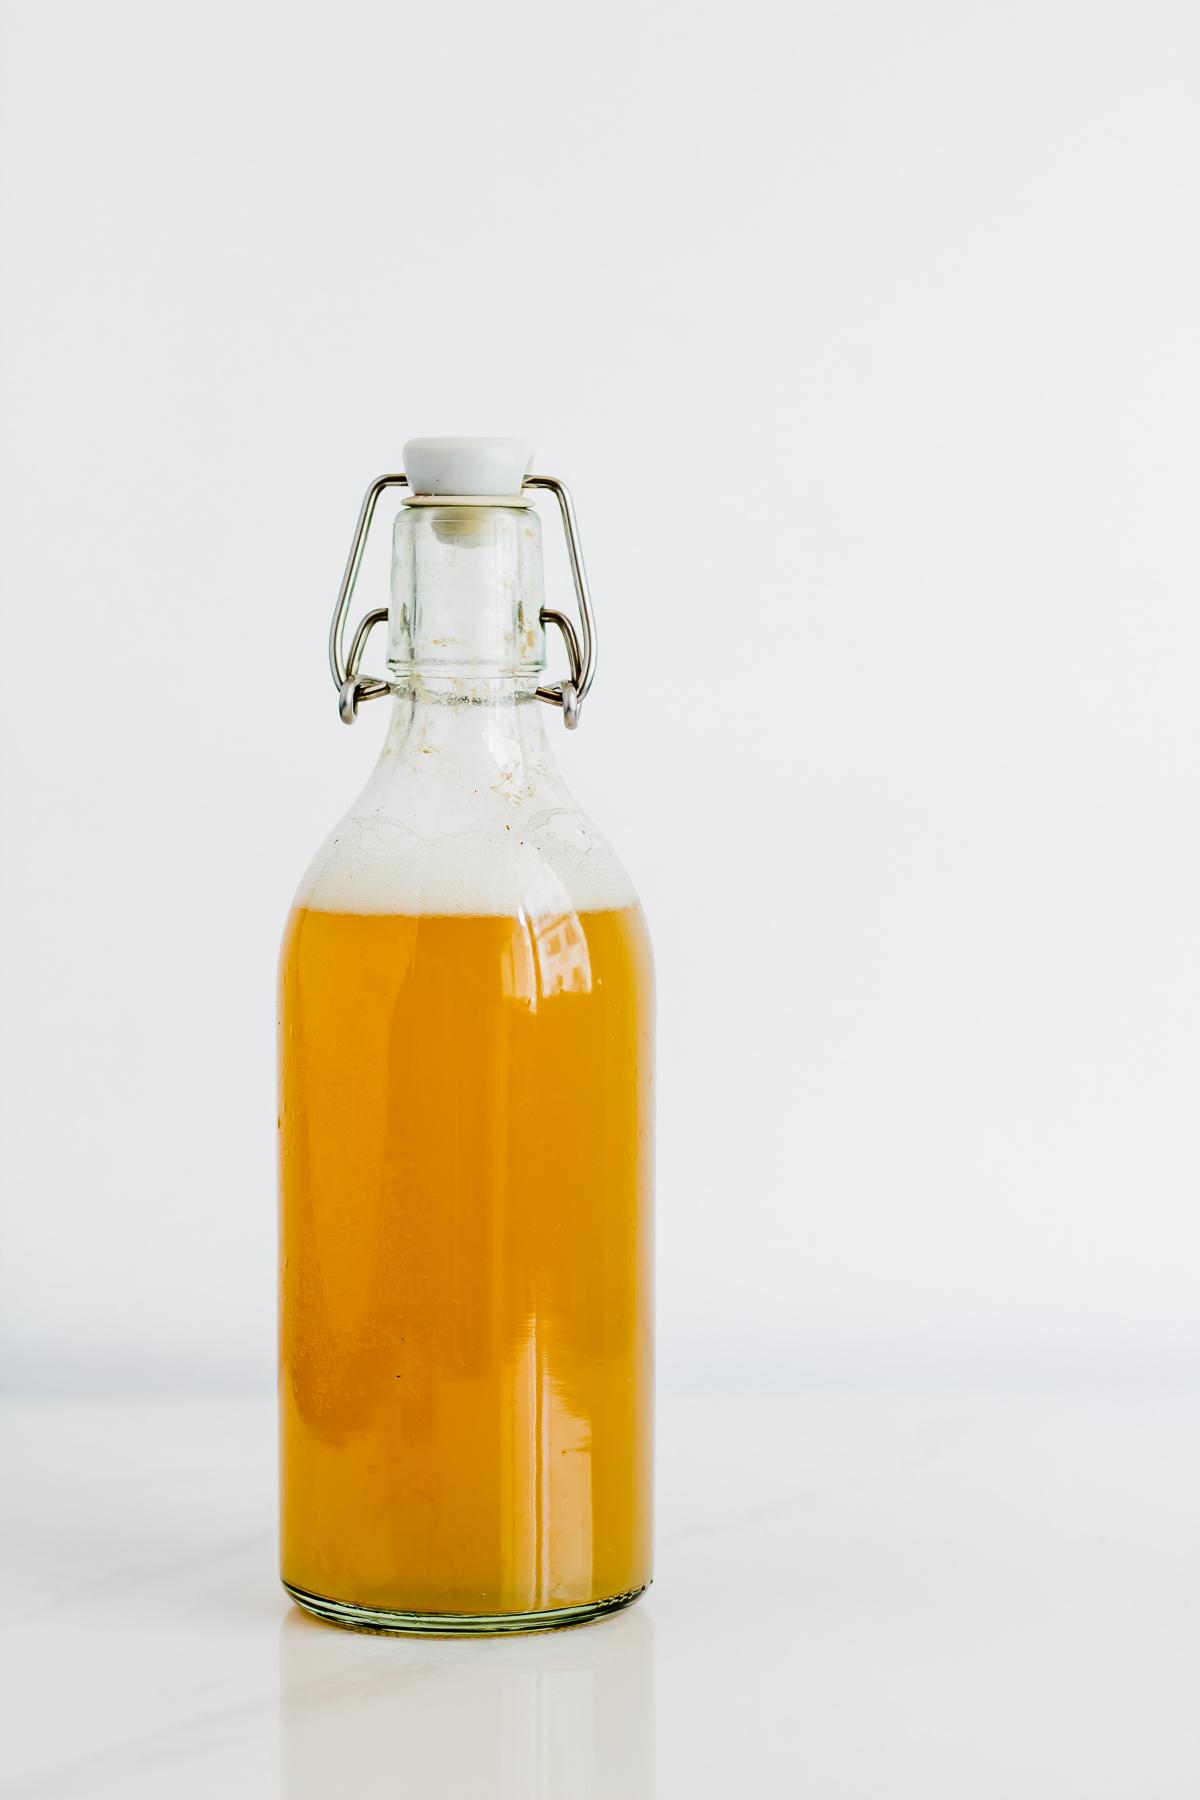 bottled fermented pineapple drink